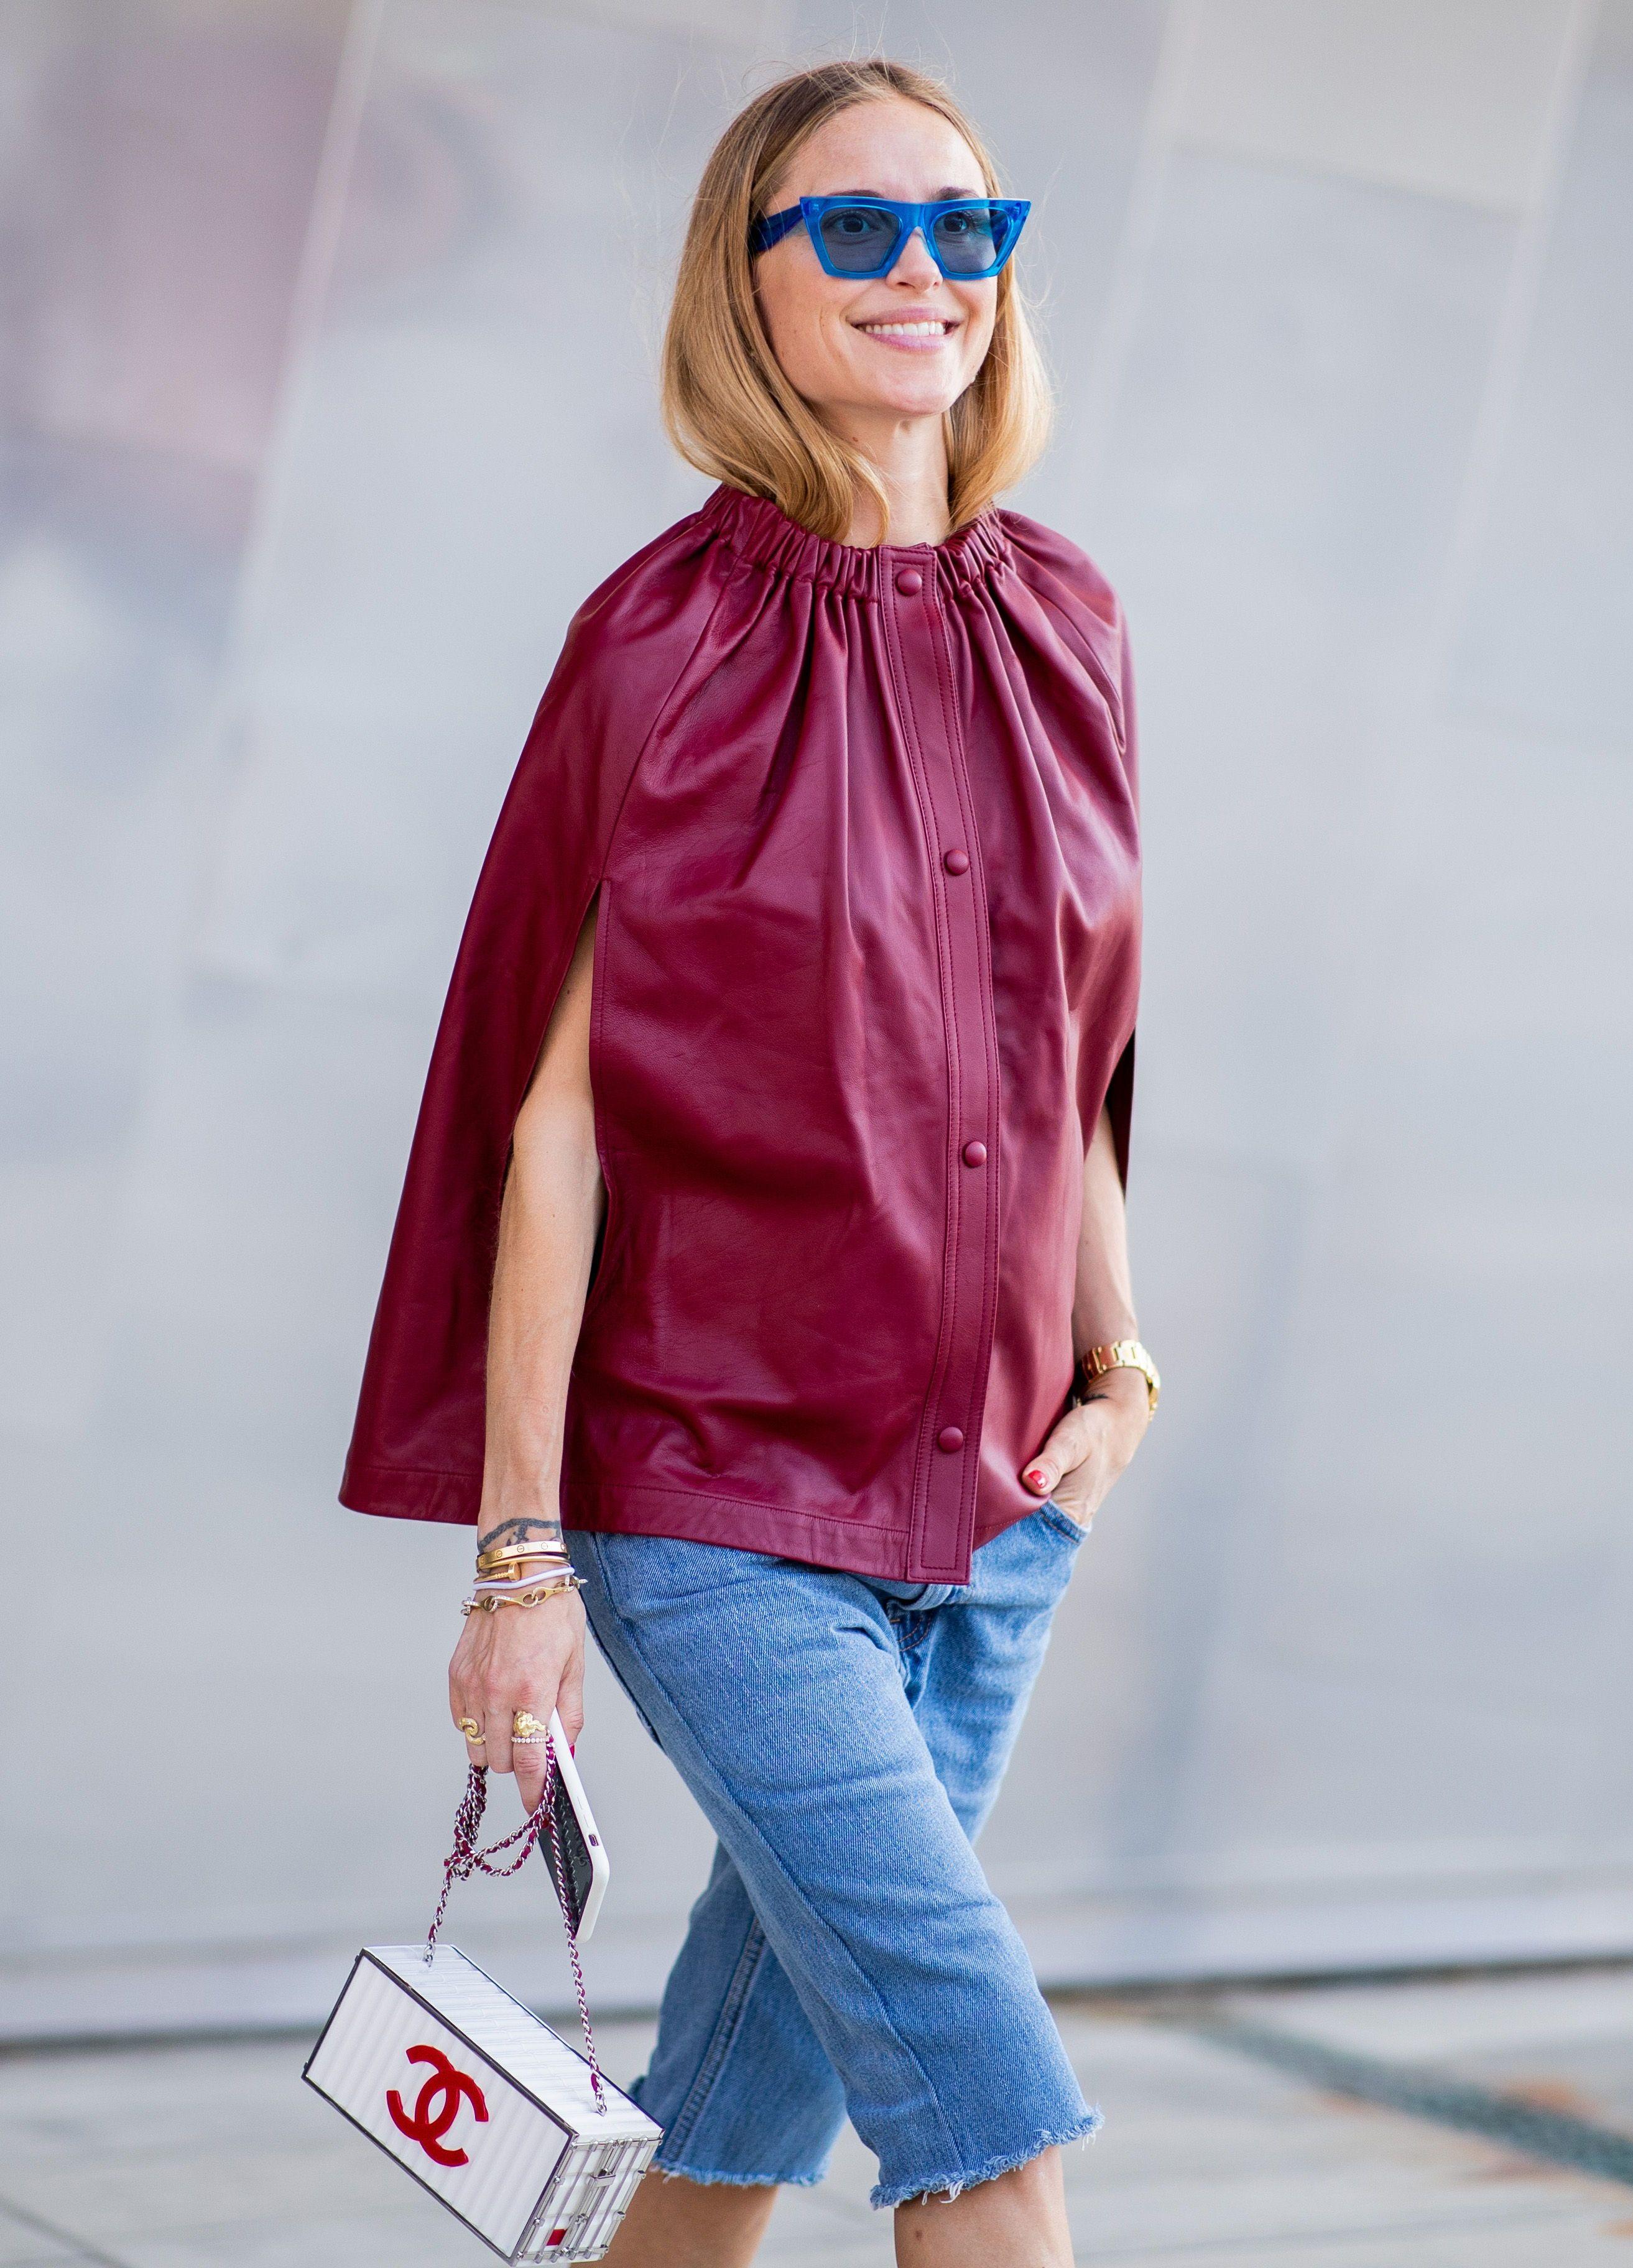 Capes feiern diesen Herbst ihr Trend-Comeback | Outfit